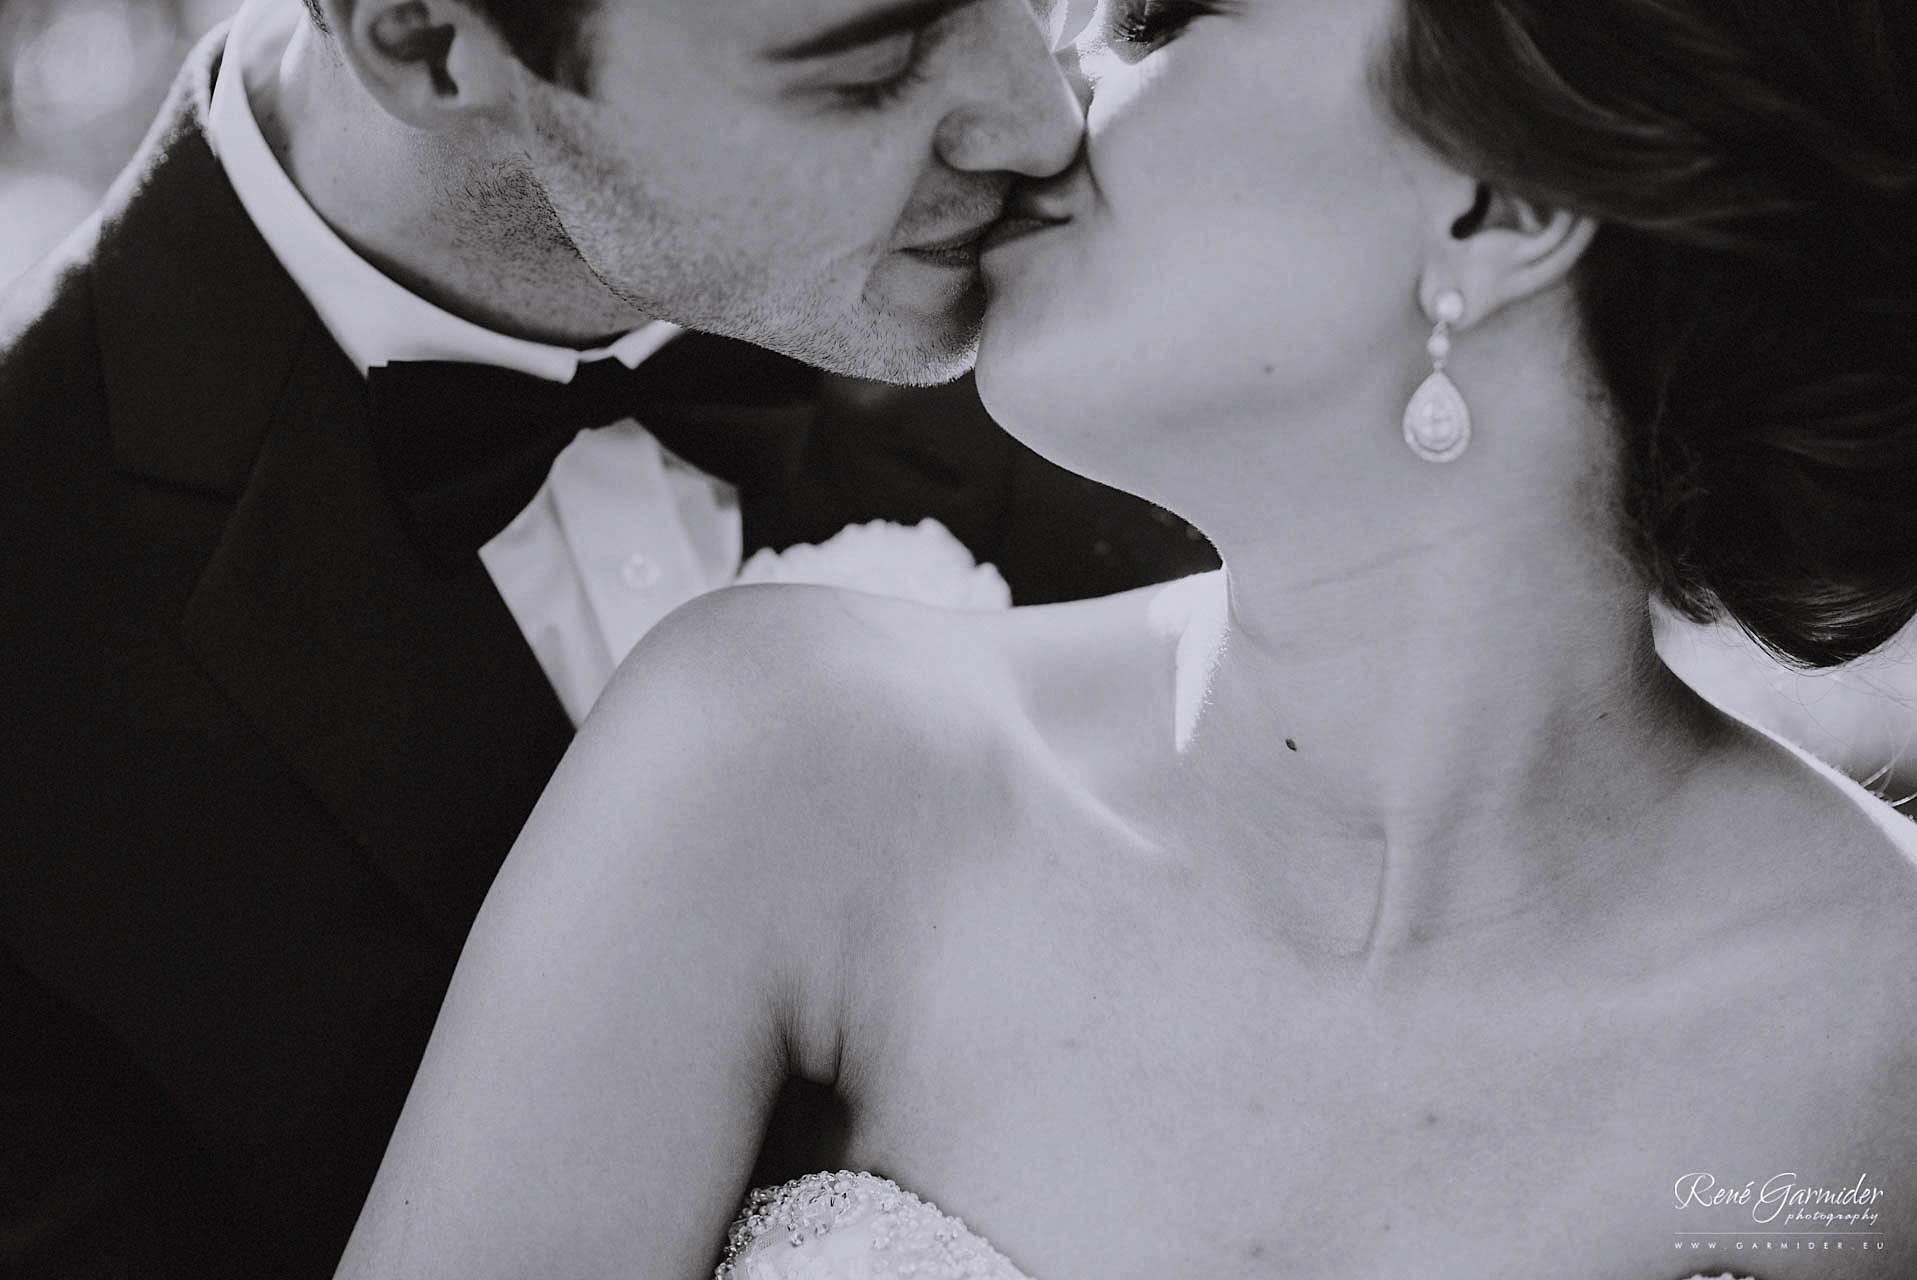 destination-wedding-photography-finland-miljookuvaus-haakuvaus-haakuvaaja-leena-juri-37